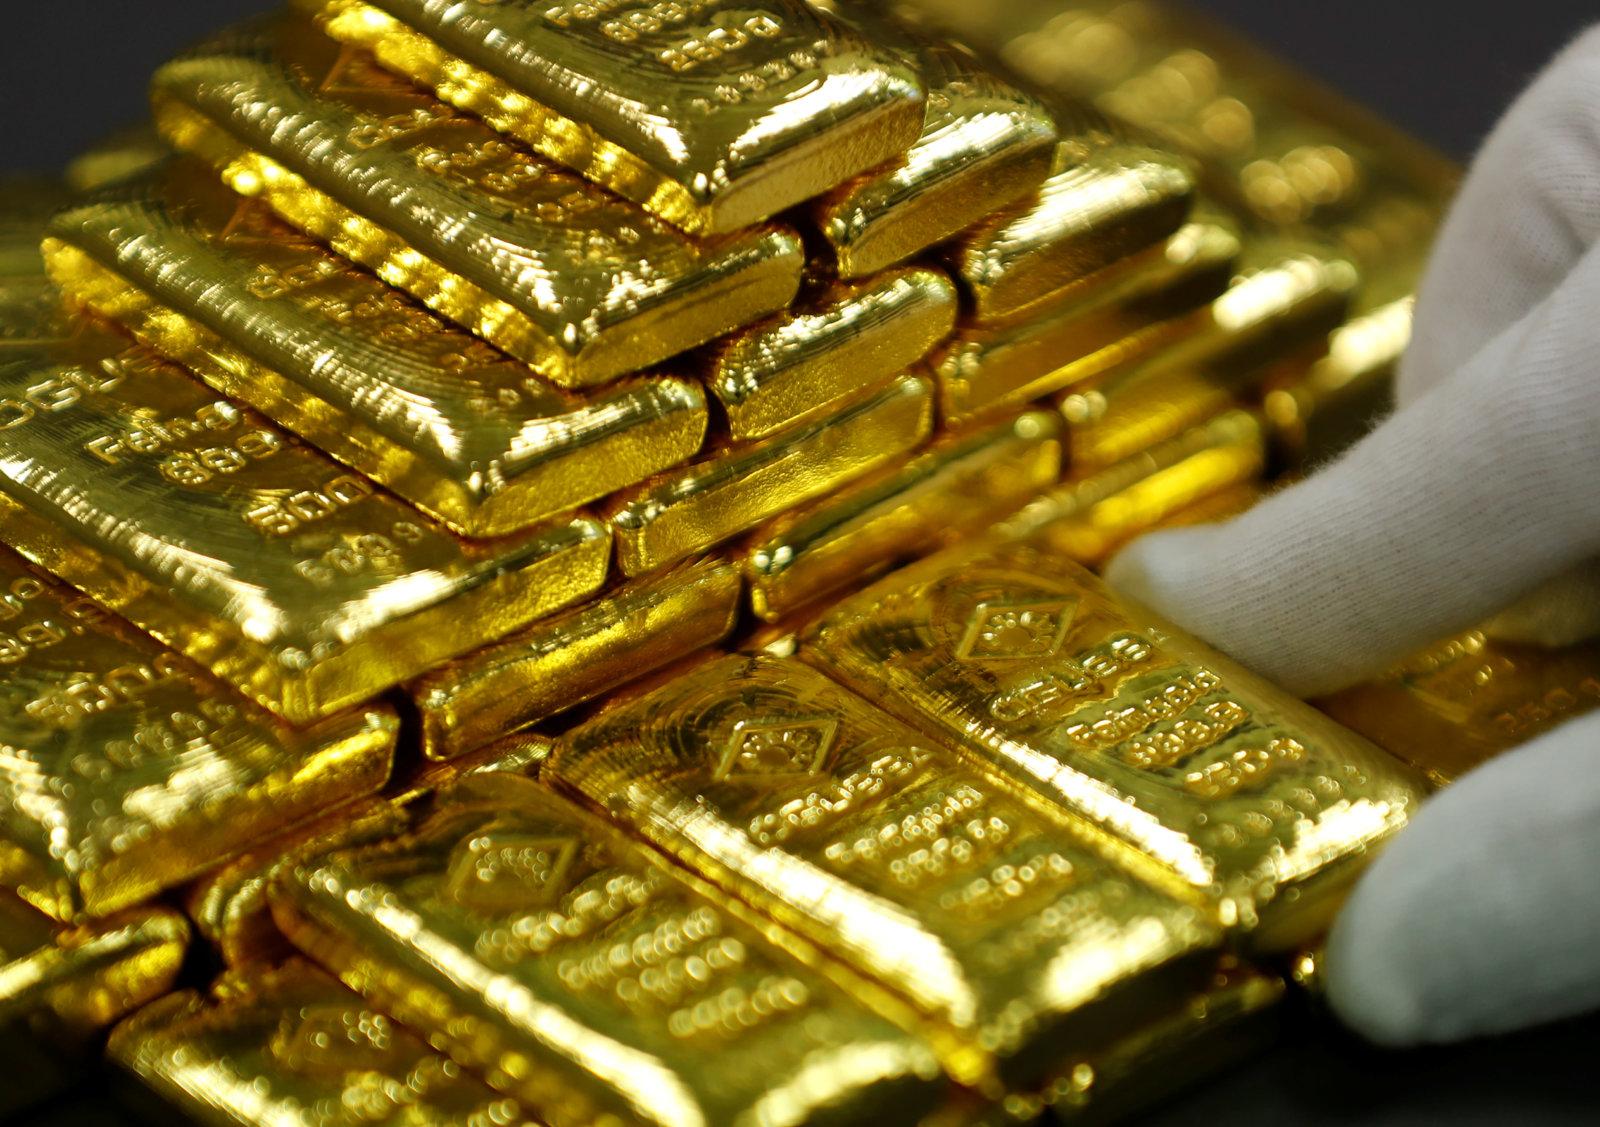 تراجع أسعار الذهب العالمى بنسبة 0.1% والأوقية تسجل 1809.40 دولار